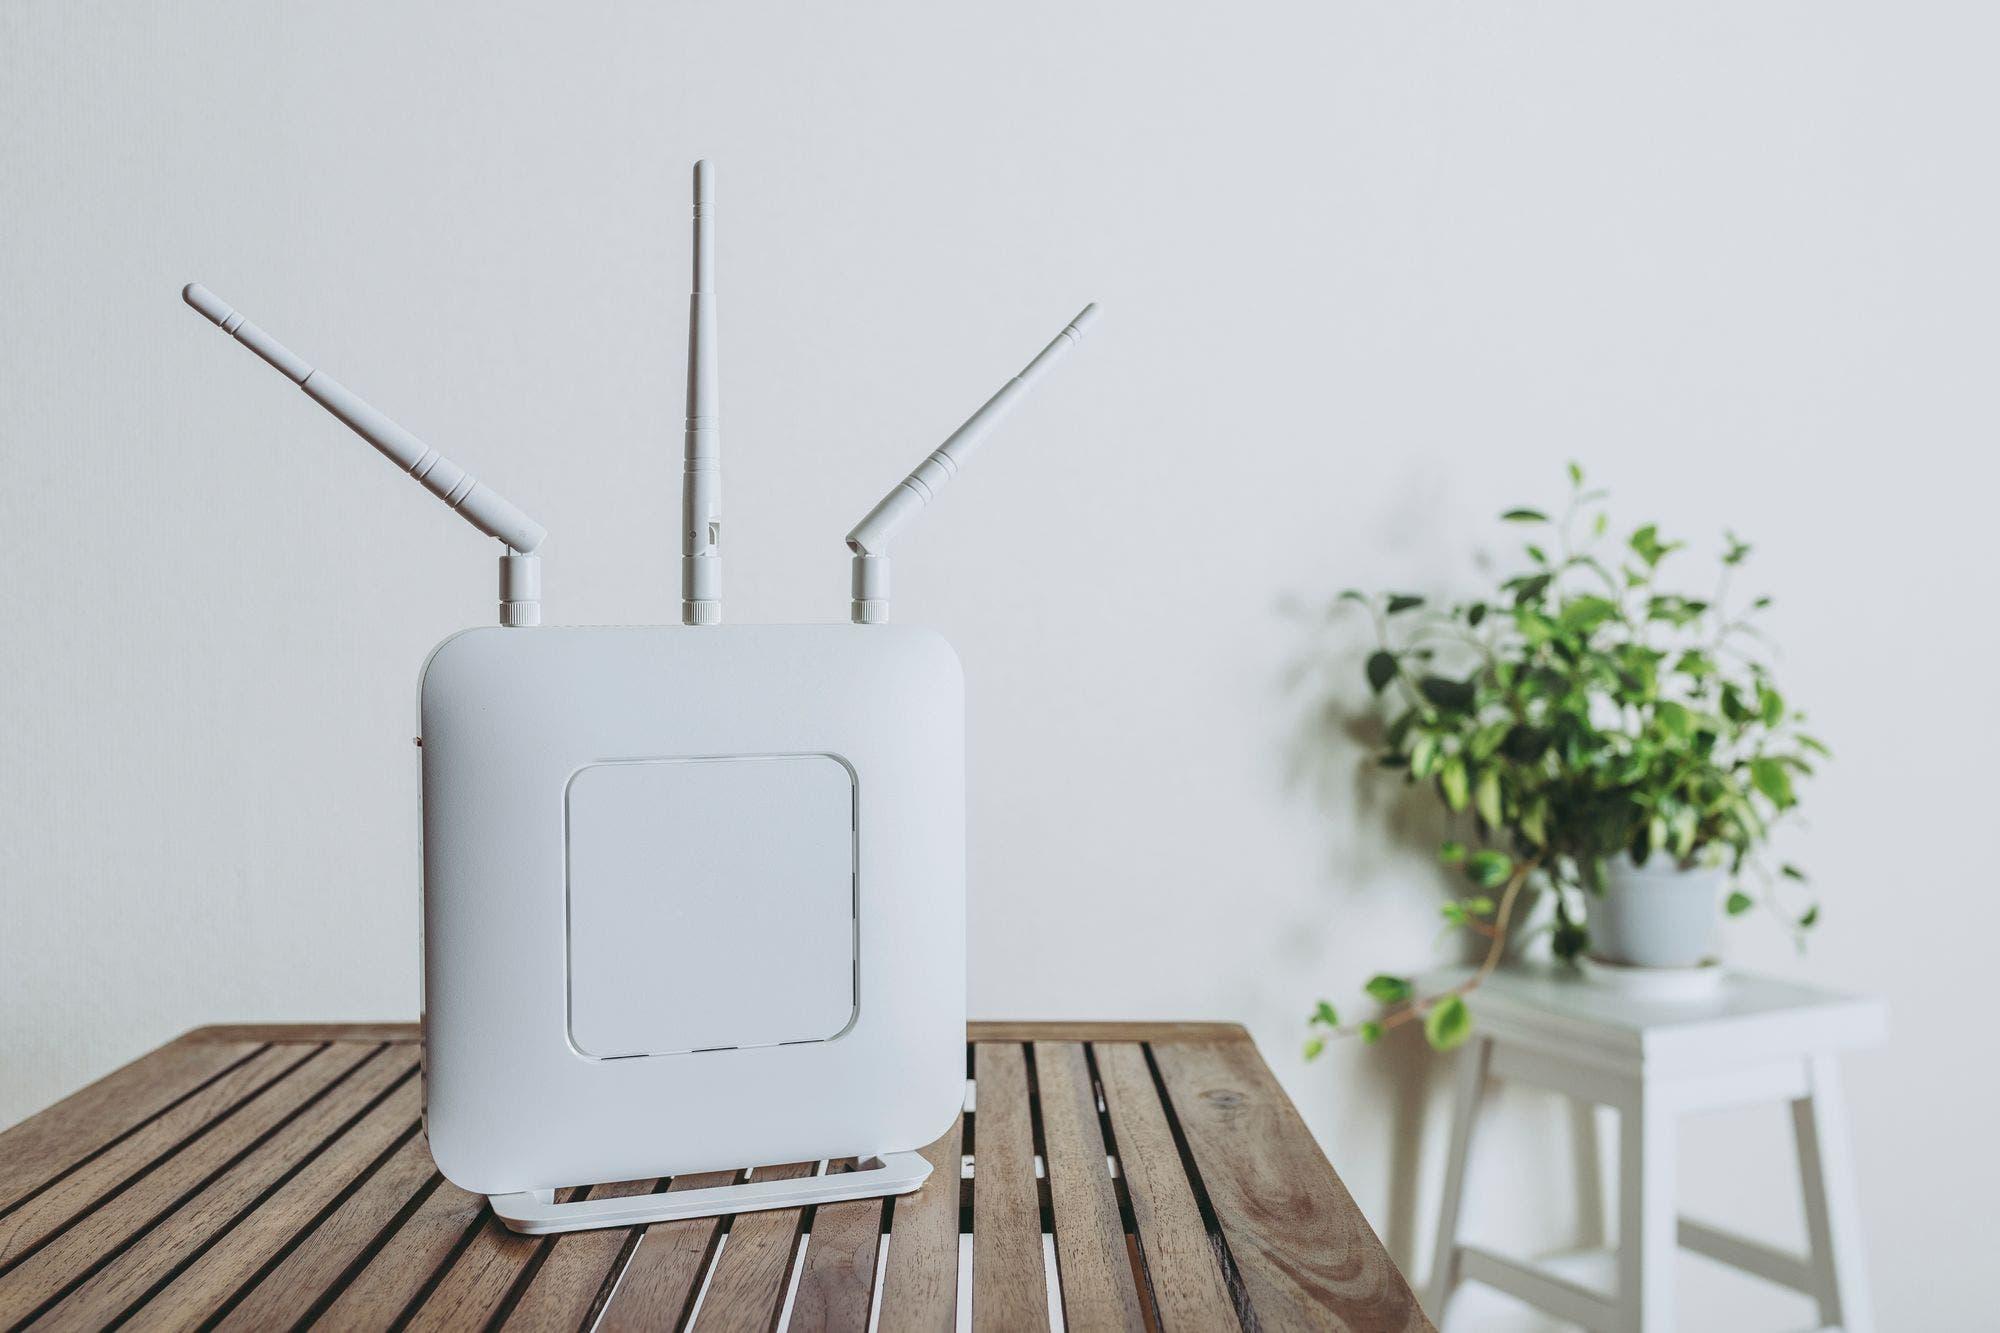 Banda ancha: crecen los reclamos por atención deficiente, mientras las compañías definen hasta dónde entrar